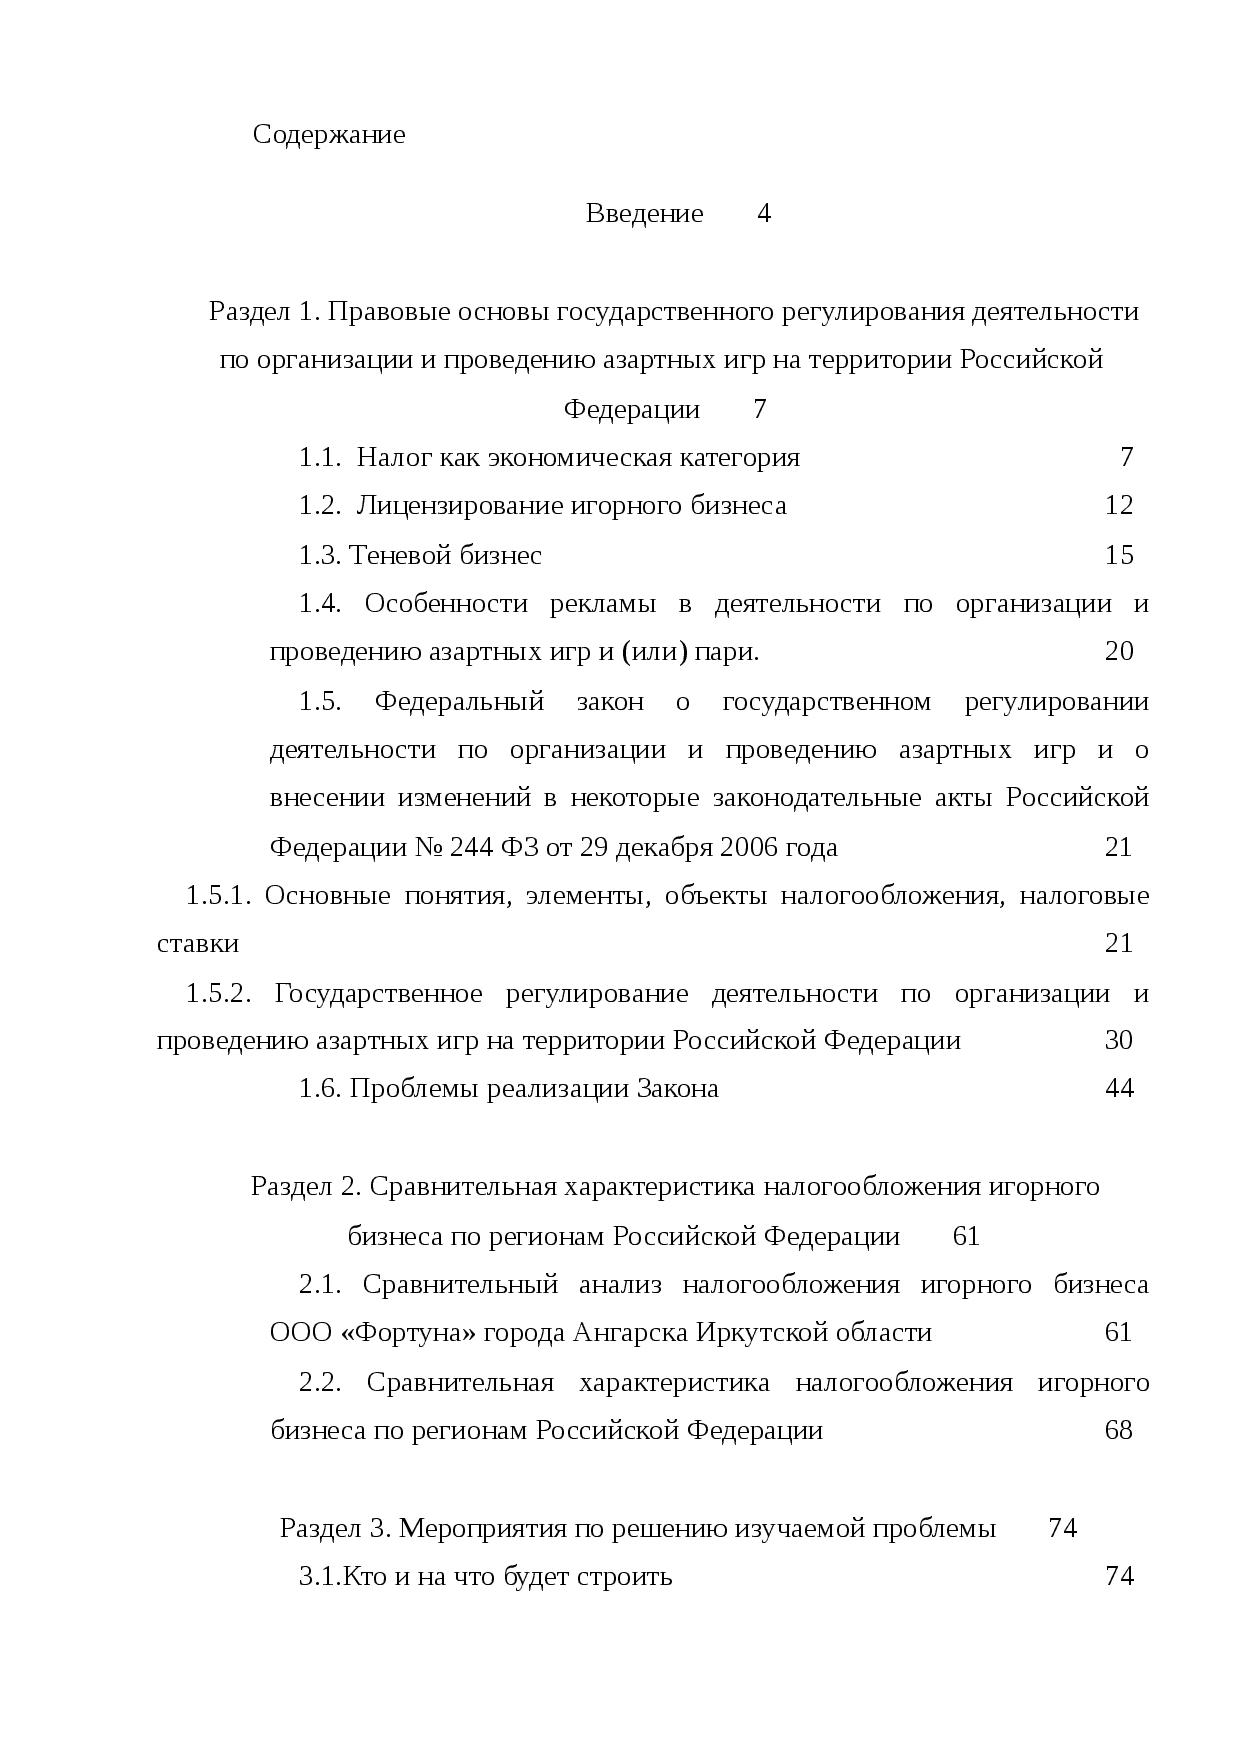 Федеральный закон об игорном бизнесе